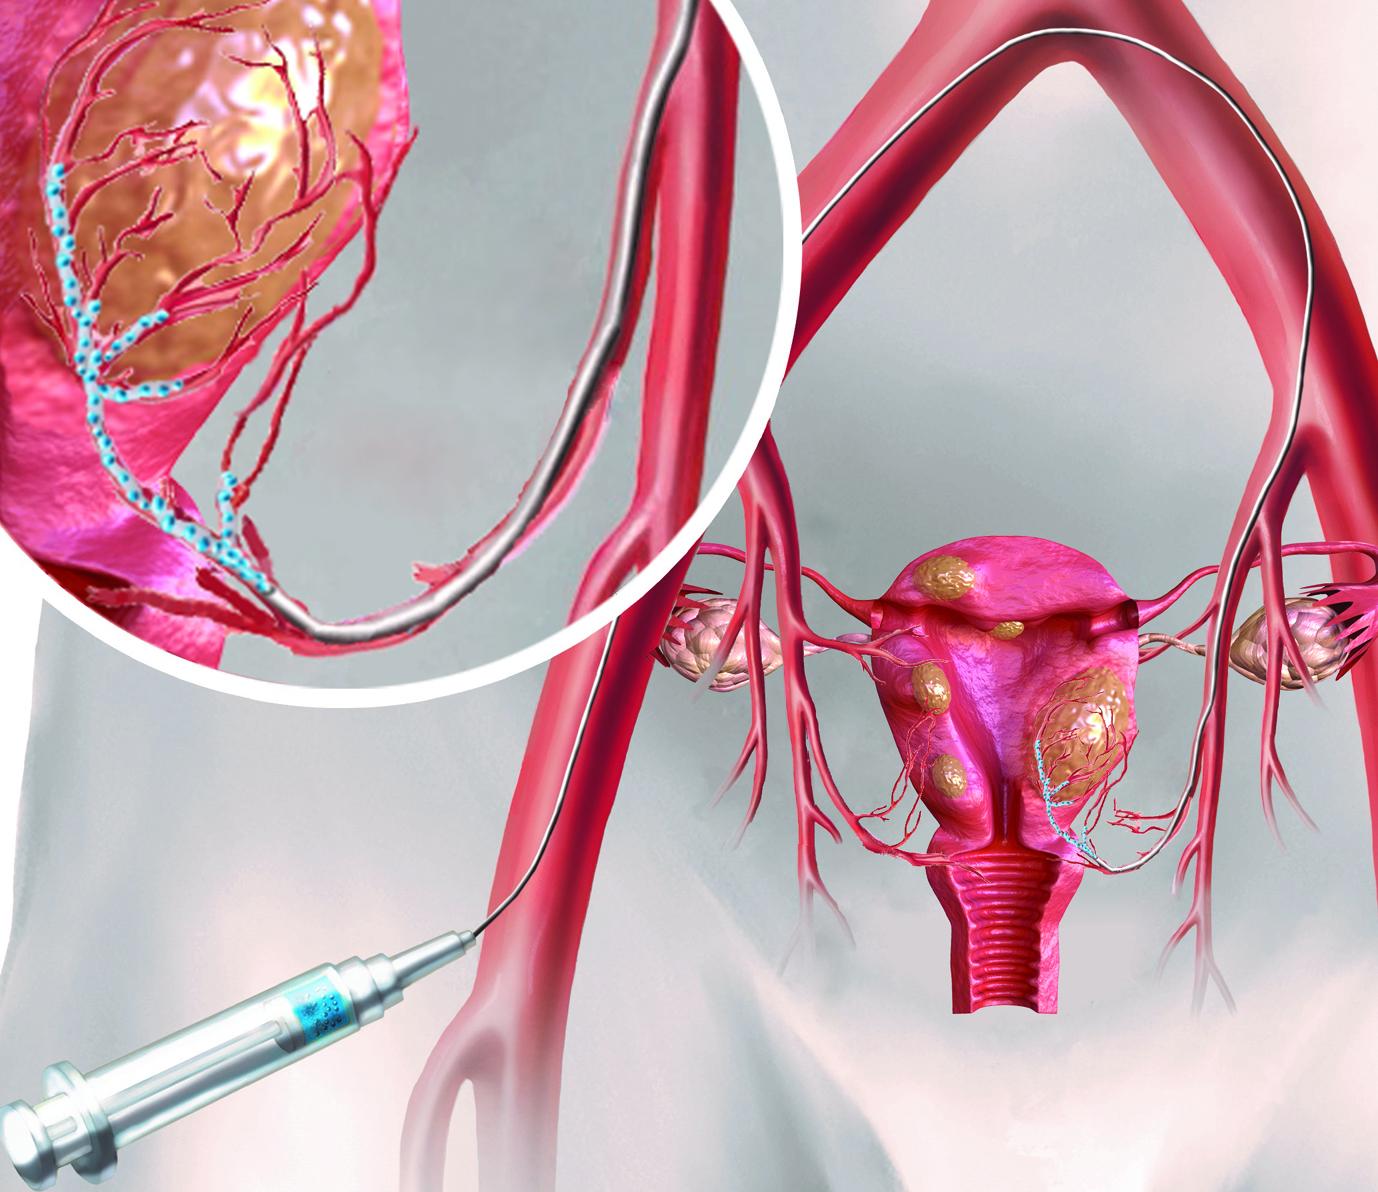 Mikrokügelchen lassen Gebärmutter-Myome schrumpfen